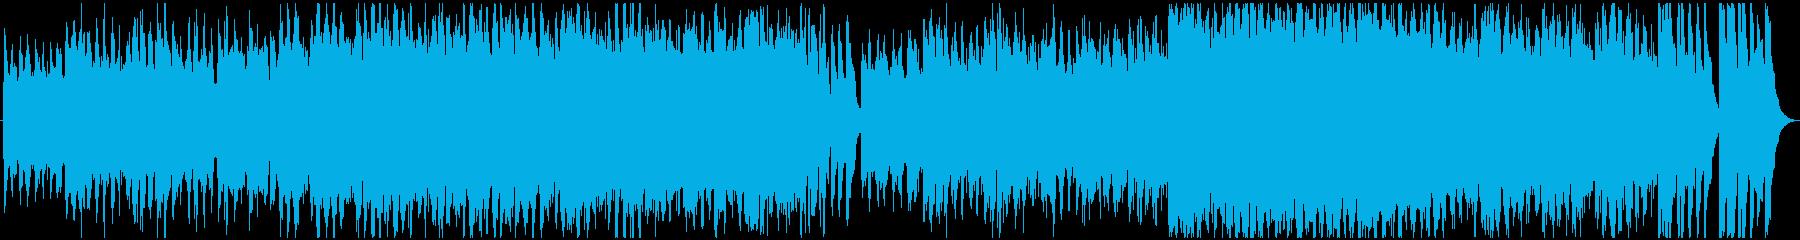 現代的 交響曲 ドラマチック 可愛...の再生済みの波形